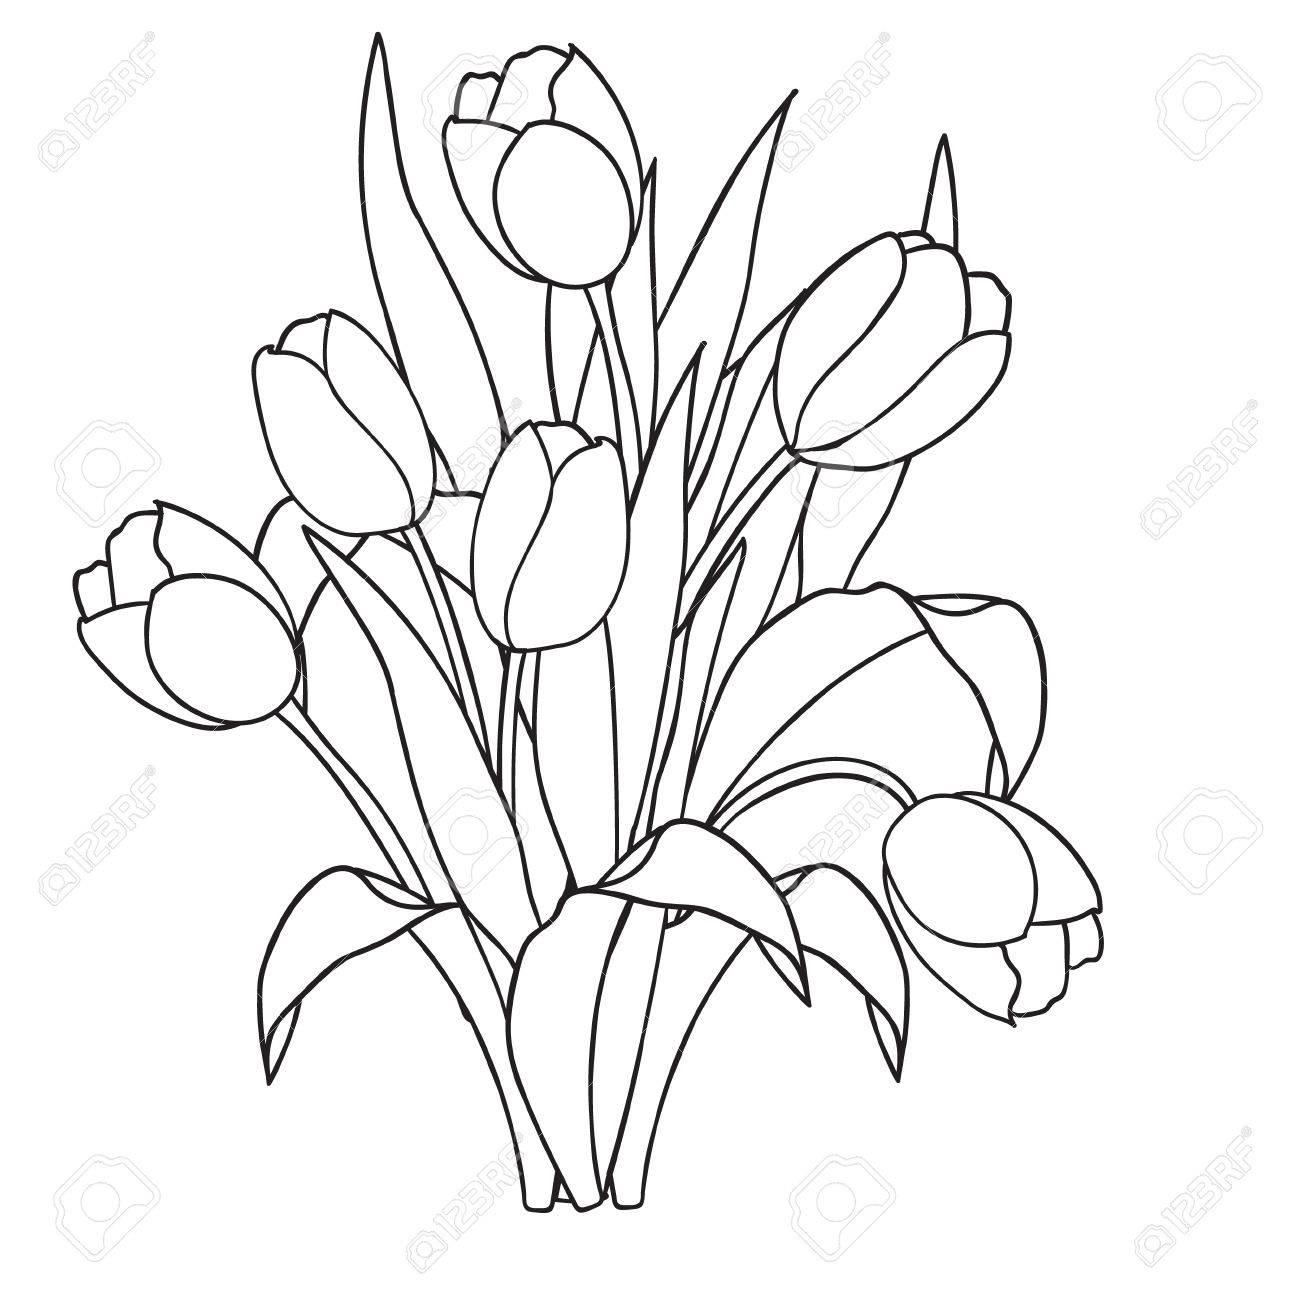 Niedlich Tulpen Malvorlagen Fotos - Druckbare Malvorlagen - amaichi.info